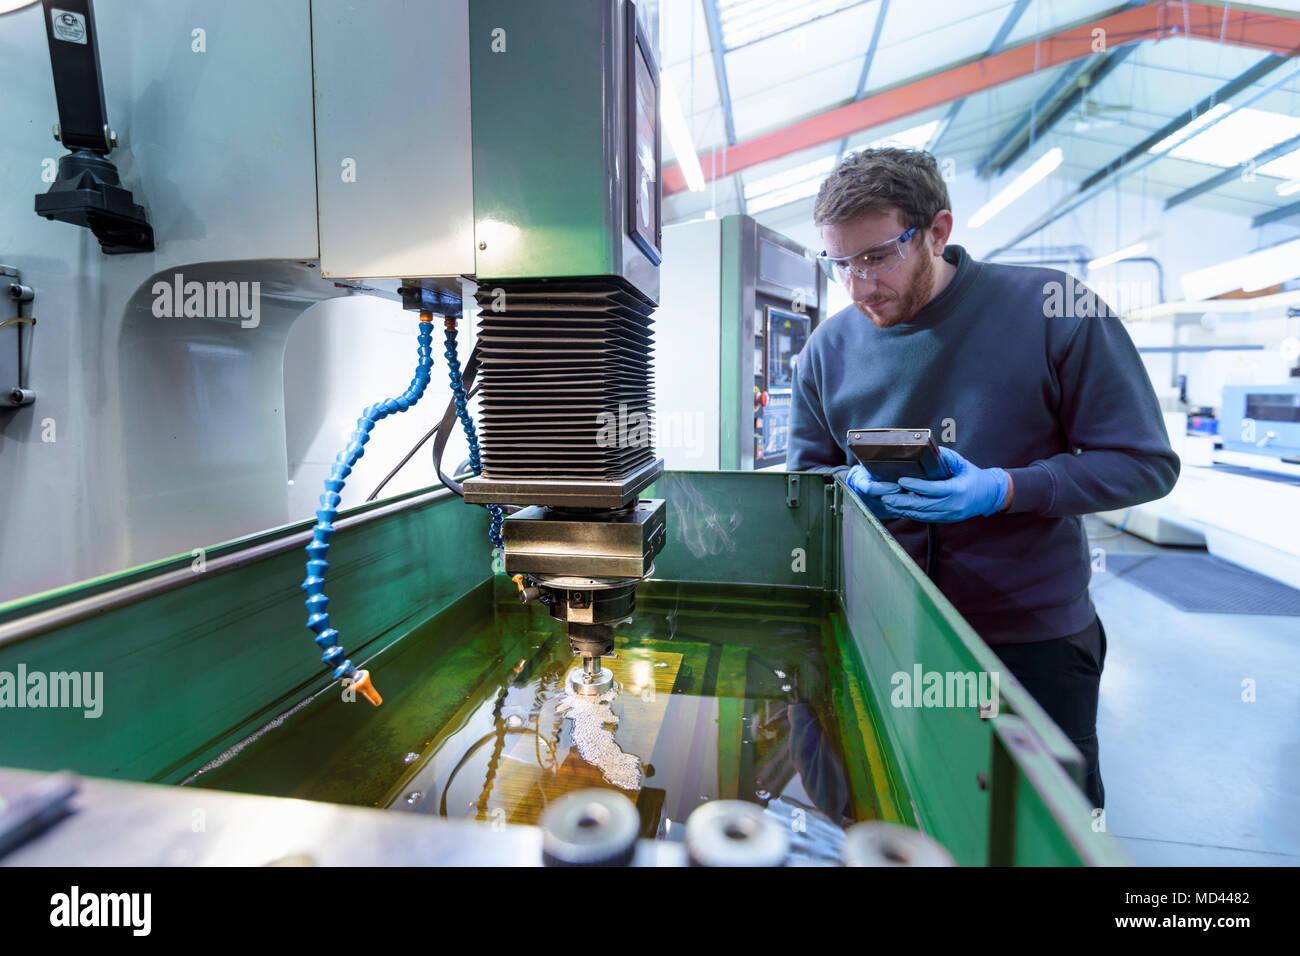 Ingeniero sólido funcionamiento máquina de electroerosión (EDM) en ingeniería de precisión factory Imagen De Stock